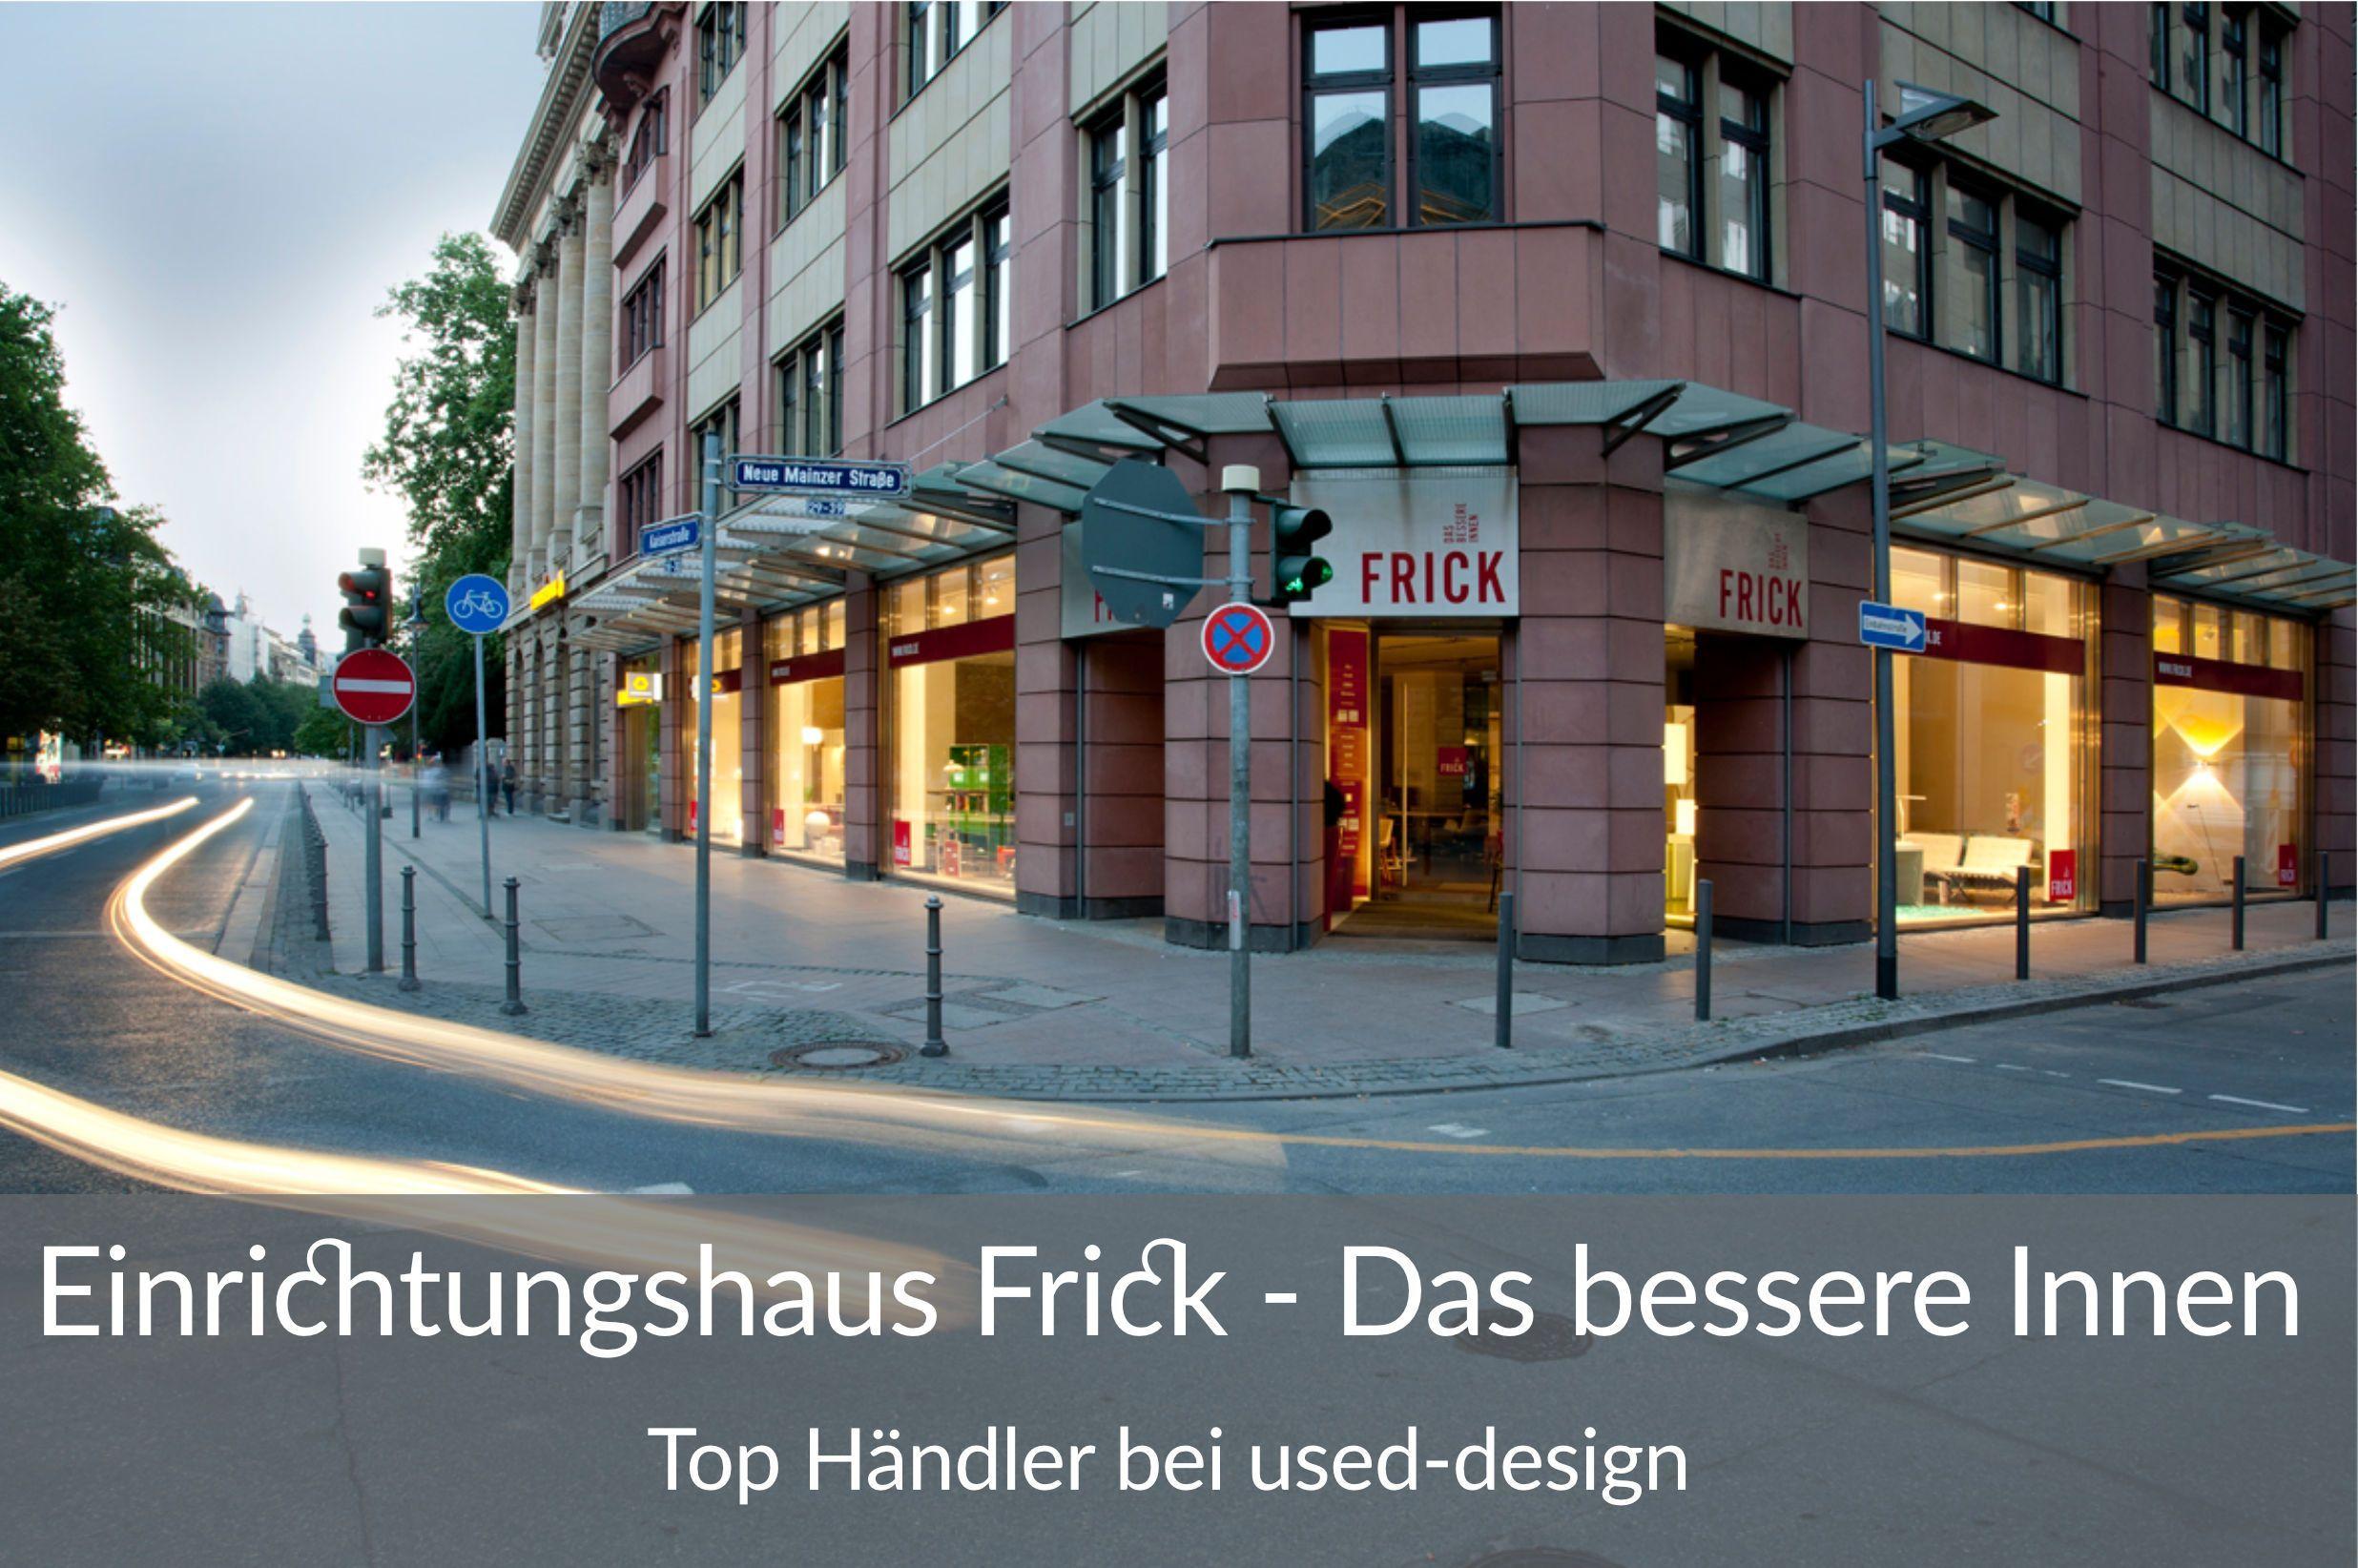 Einrichtungshaus Frick Das Bessere Innen Used Design In 2021 Einrichtungshaus Einrichtung Minimalistisches Design